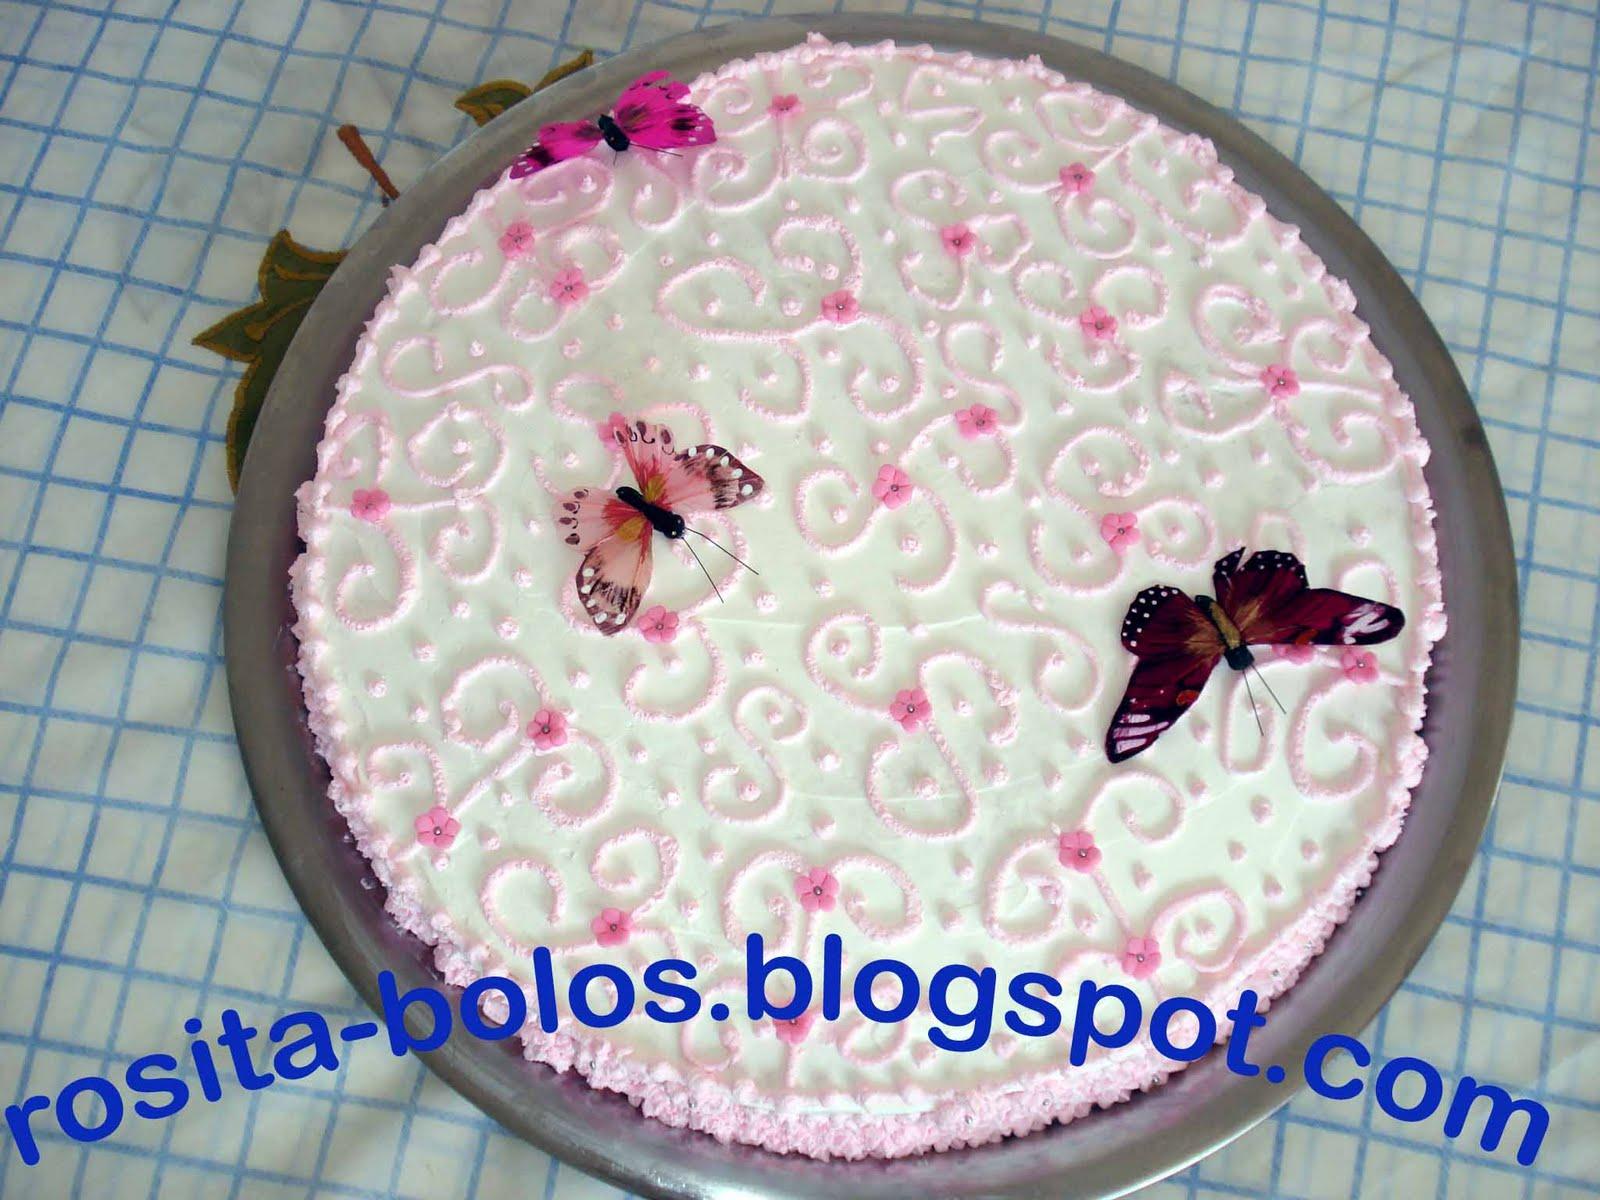 Blog da rosita bolo chantilly borboletas trabalho feito com minha bolo chantilly borboletas trabalho feito com minha cumadre eliana altavistaventures Image collections